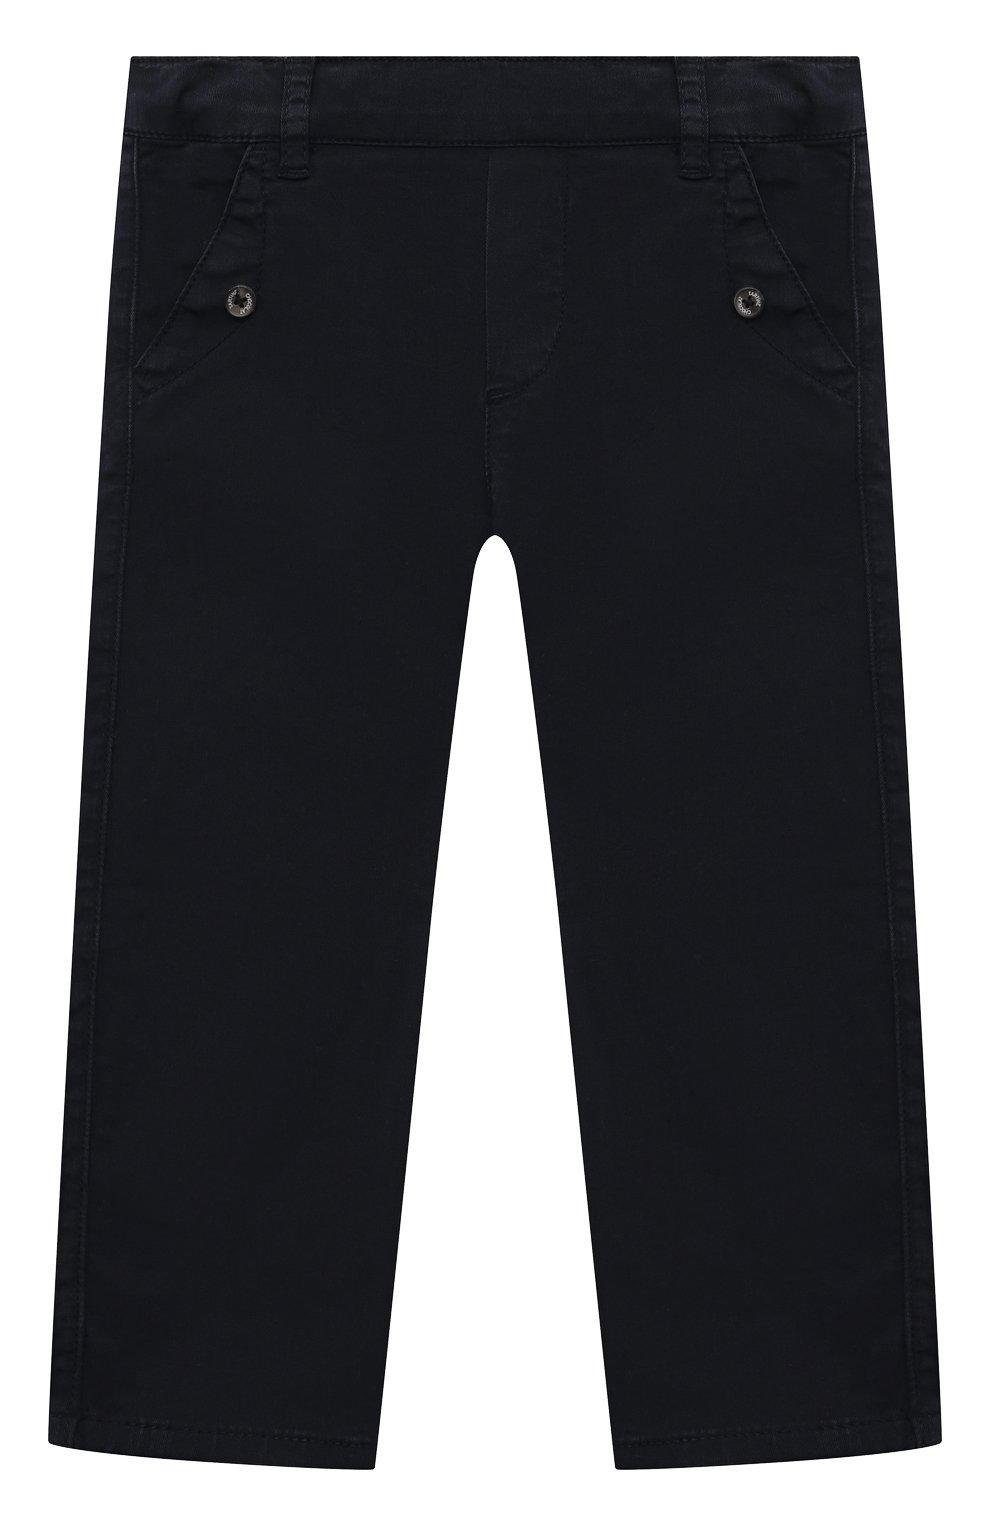 Детские хлопковые брюки TARTINE ET CHOCOLAT темно-синего цвета, арт. TS22051/18M-3A | Фото 1 (Материал внешний: Хлопок; Ростовка одежда: 18 мес | 86 см, 24 мес | 92 см, 36 мес | 98 см)